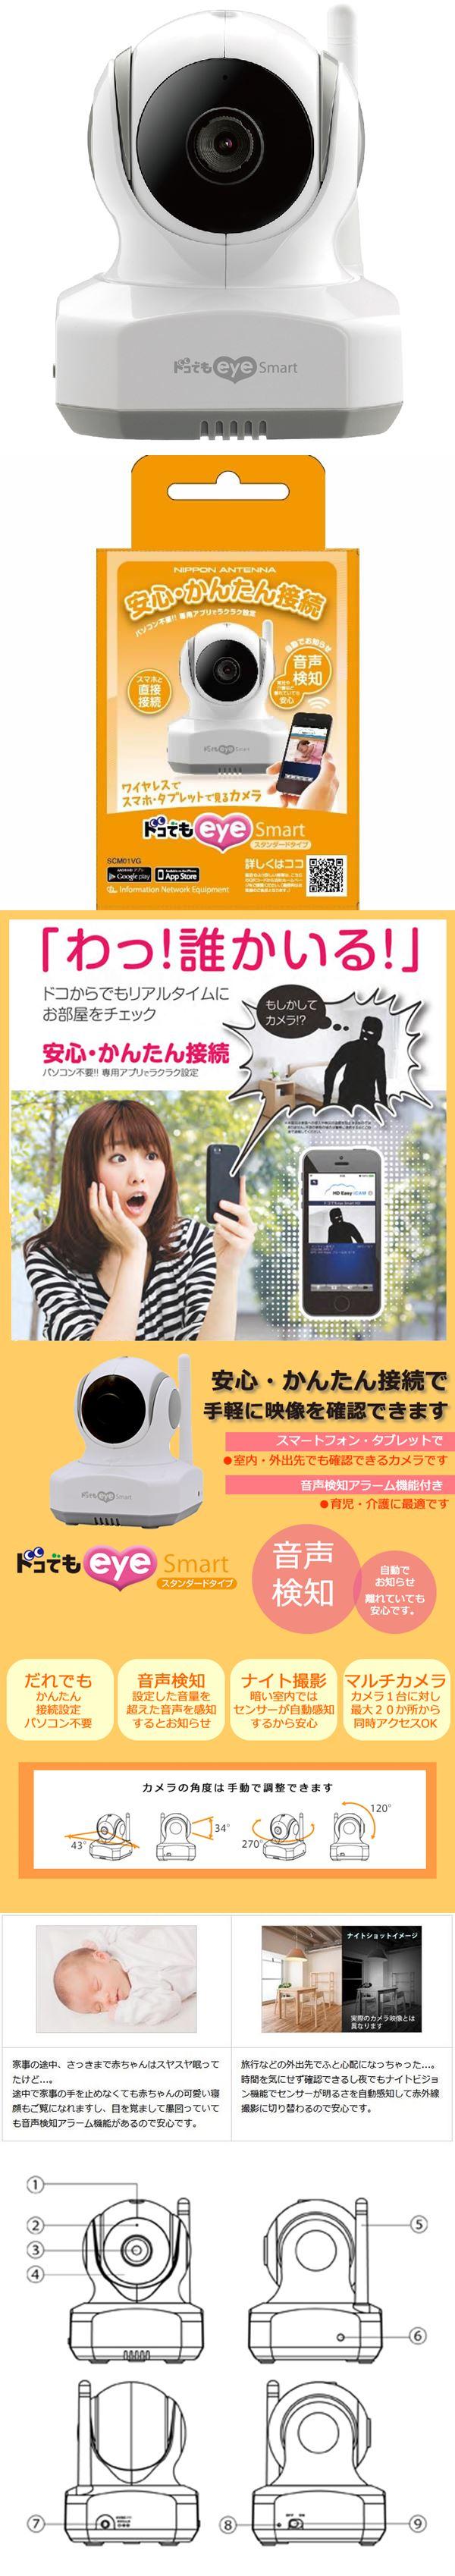 日本アンテナ ワイヤレスカメラ スタンダードタイプ SCM01VG